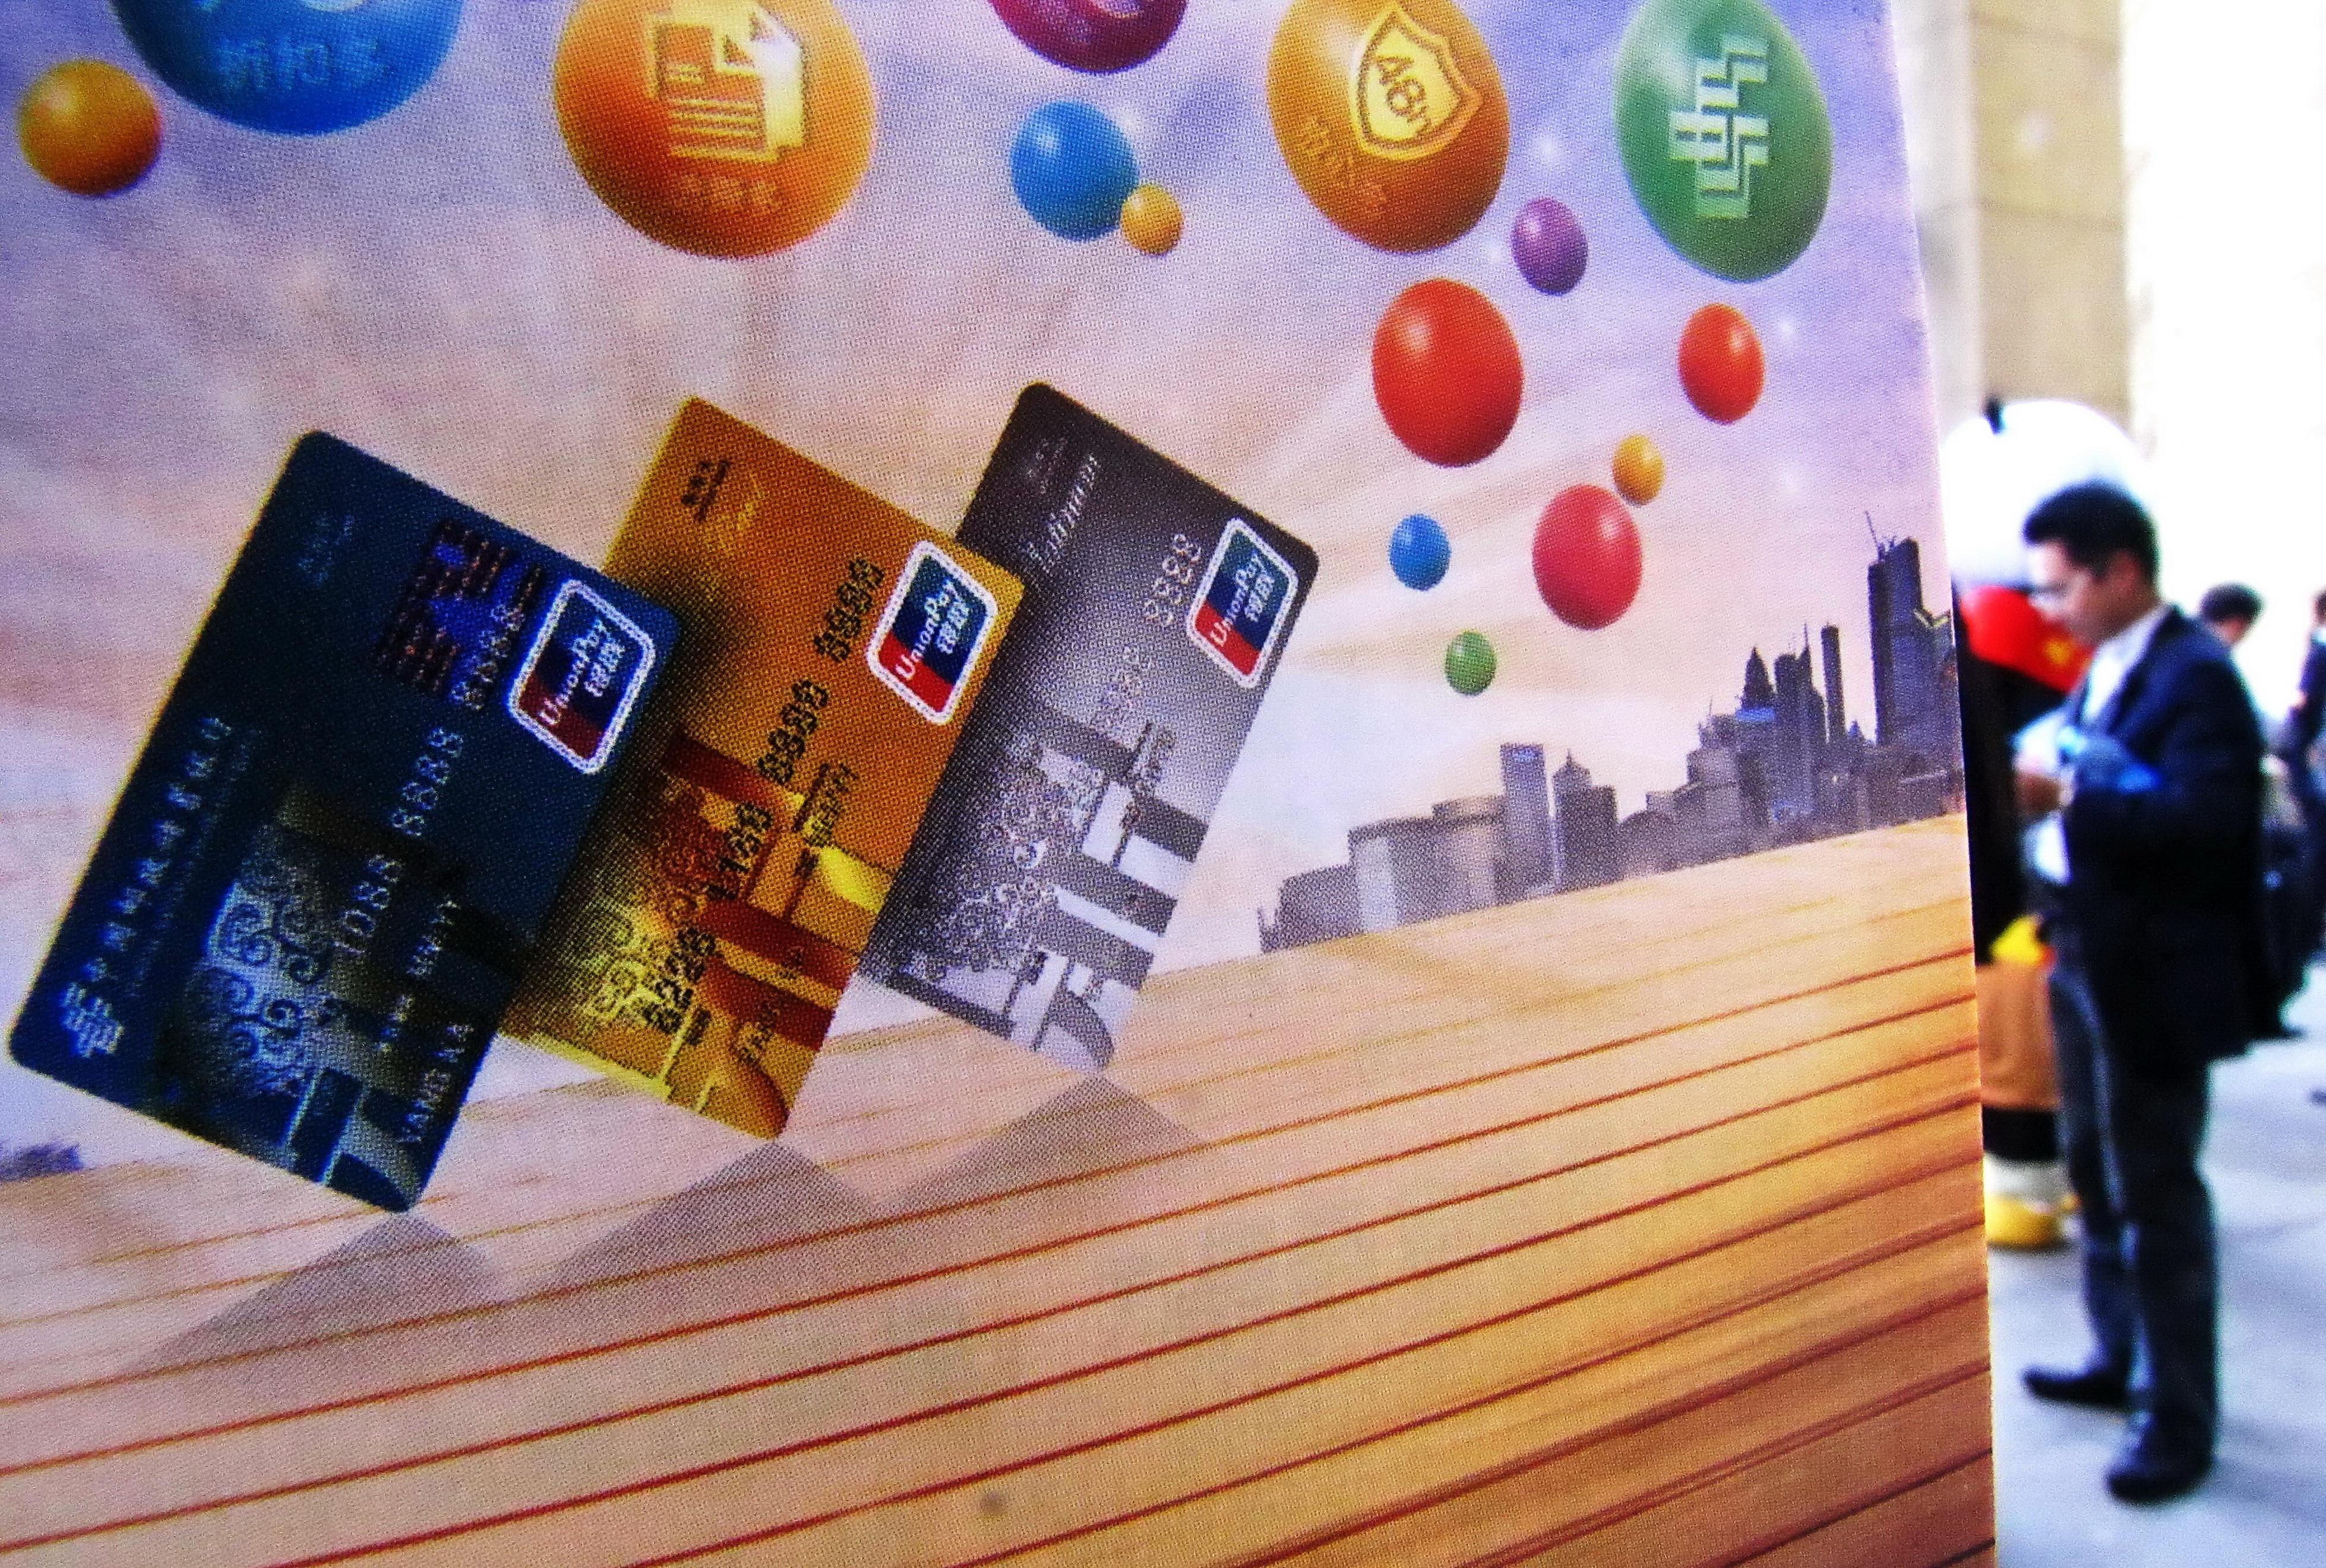 兴业信用卡提额的方法全在这了!第一种最方便!